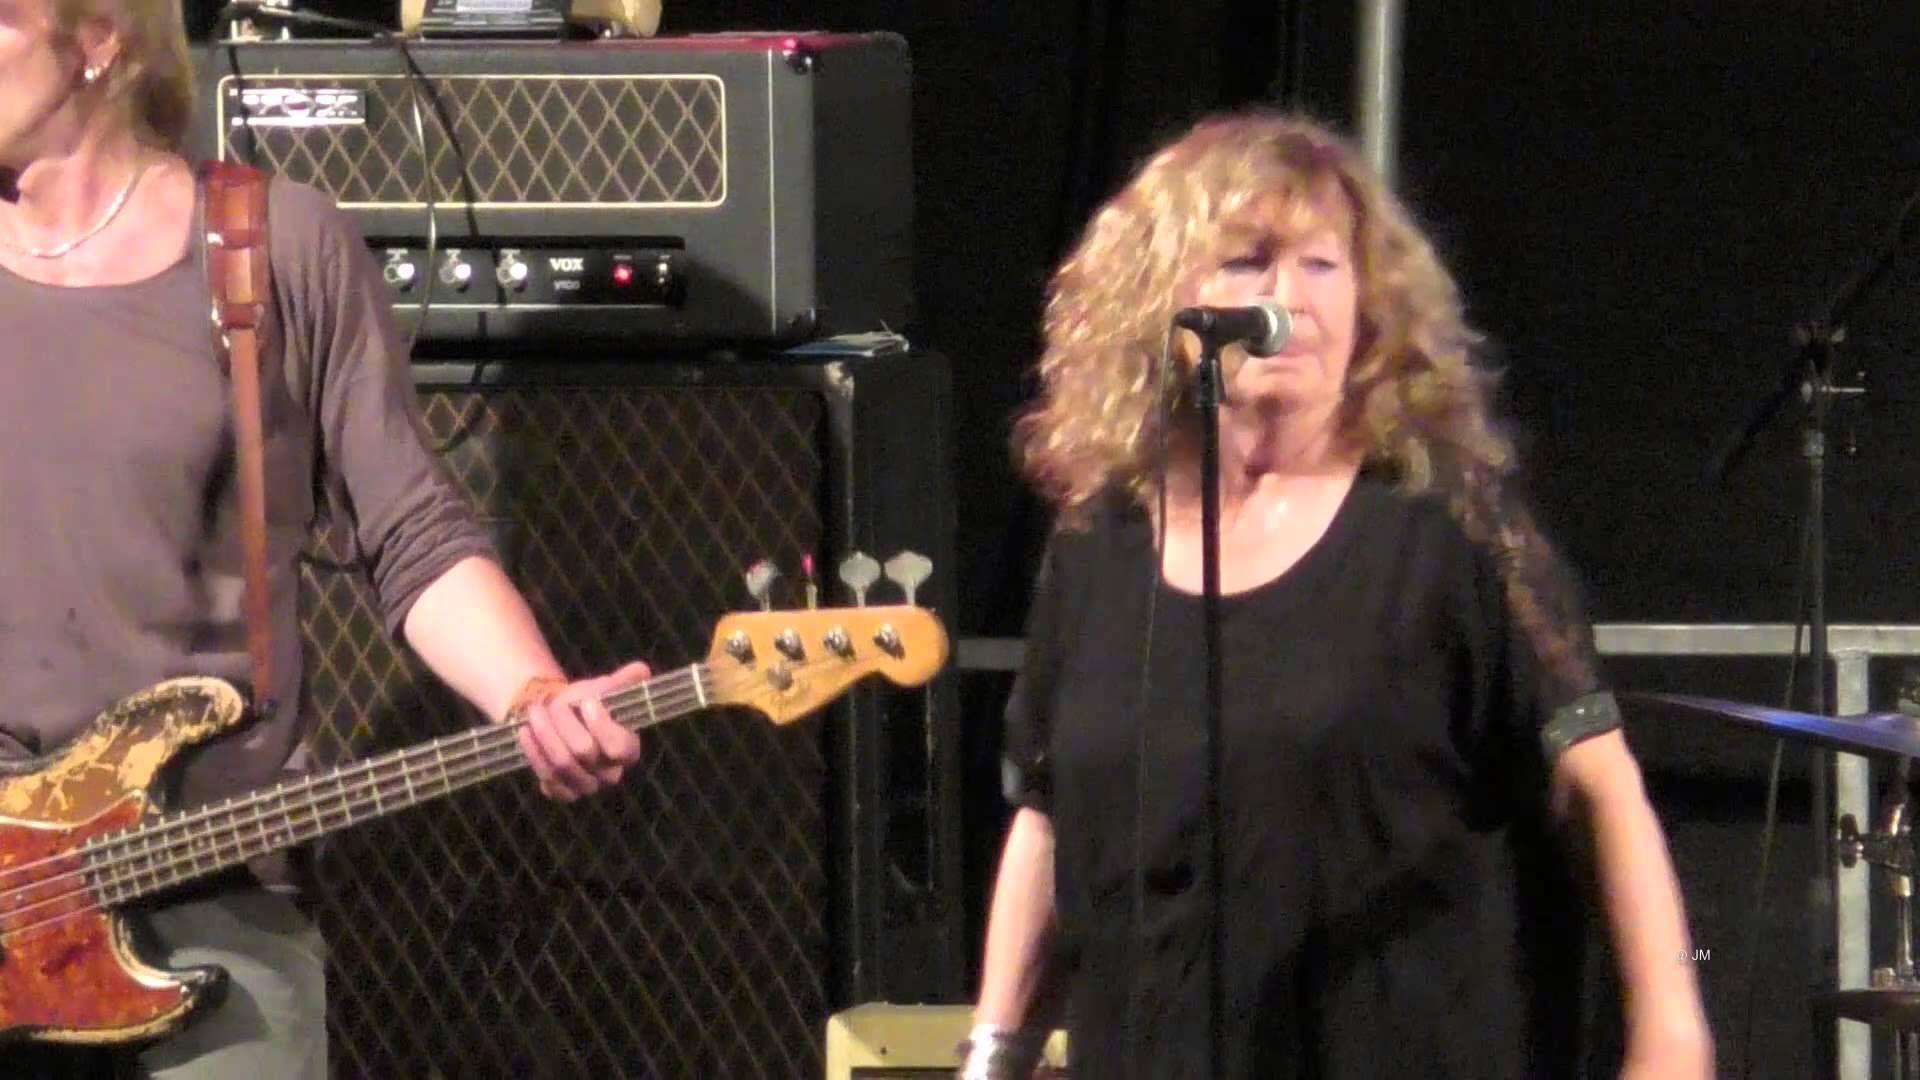 Hamburg #Blues #Band and Maggie Bell - #Saarlouis 2015 - Penicillin #Blues  #Saarland Zu Gast beim 4   #Rock Wall #Open #Air in #Saarlouis 01.08.2015 /  Hamburg #Blues #Band mit ihrer aktuellen  Friends For A Livetime Tour. - Penicillin #Blues - #Saarlouis #Saarland http://saar.city/?p=26742